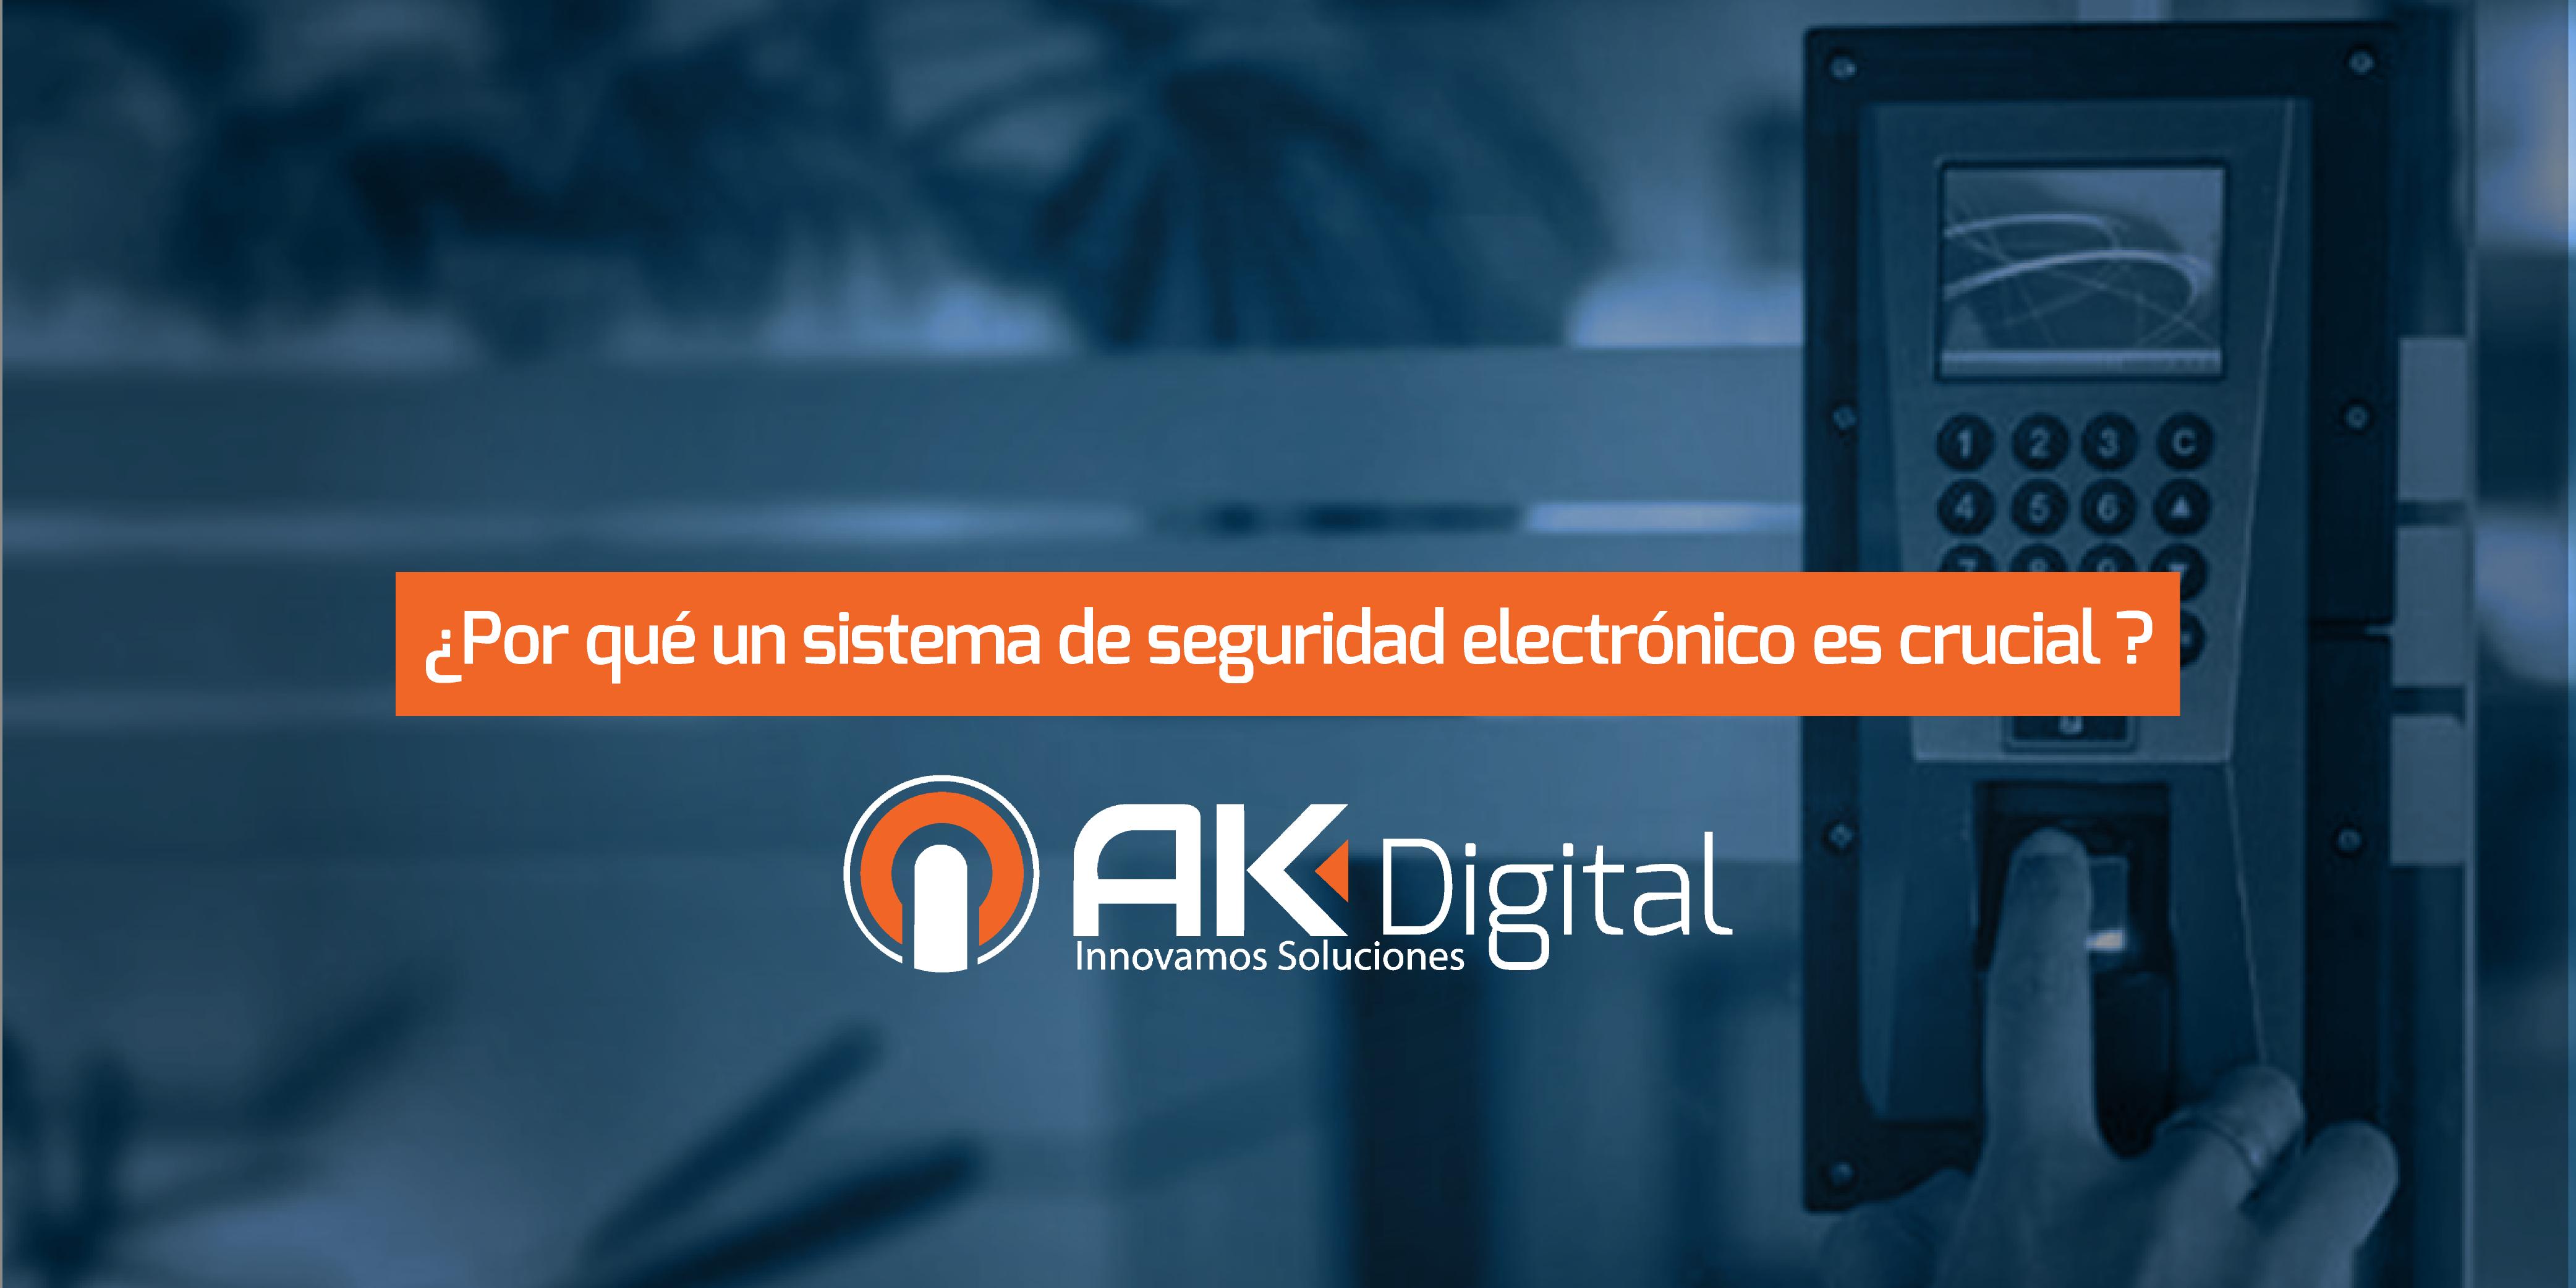 ¿Por qué un sistema de seguridad electrónica es crucial para las empresas o negocios?